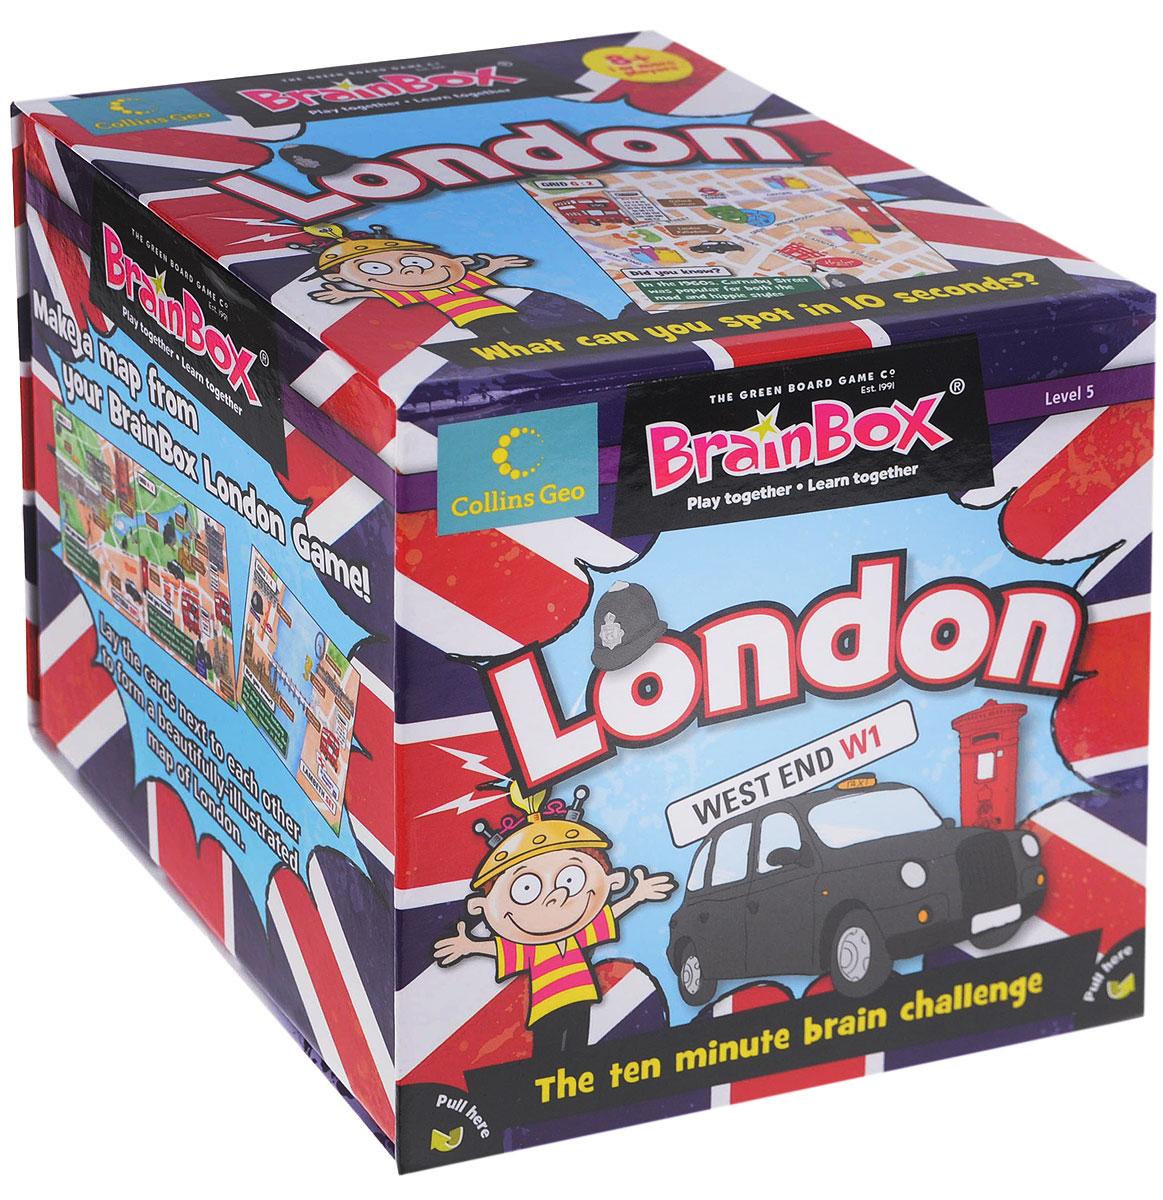 BrainBox Настольная игра Сундучок знаний London90016Добро пожаловать в Лондон! Настольная игра BrainBox Сундучок Знаний. London - англоязычная игра на развитие зрительной памяти, речи и концентрации внимания. Цель игры: набрать наибольшее количество карточек в течение 10 минут. Как играть: Для одного игрока: Переверните песочные часы и изучите картинку в течение 10 секунд. Переверните карточку и бросьте кости. Ответьте на выпавший вам вопрос. Если вы правильно ответили на вопрос, оставьте карточку себе. Если вы ошиблись, верните карточку в коробку. Посчитайте, сколько карточек у вас набралось через 5 или 10 минут. Помните! Все ответы на вопросы размещены на картинке, поэтому смотрите внимательно! Для двух и более игроков: Если вы младший из игроков, достаньте карточку из коробки. Переверните песочные часы и в течение 10 секунд внимательно изучите картинку на карточке. Передайте карточку другому игроку и бросьте кости. Ответьте на выпавший вам вопрос (например, если выпала цифра два, вы ...